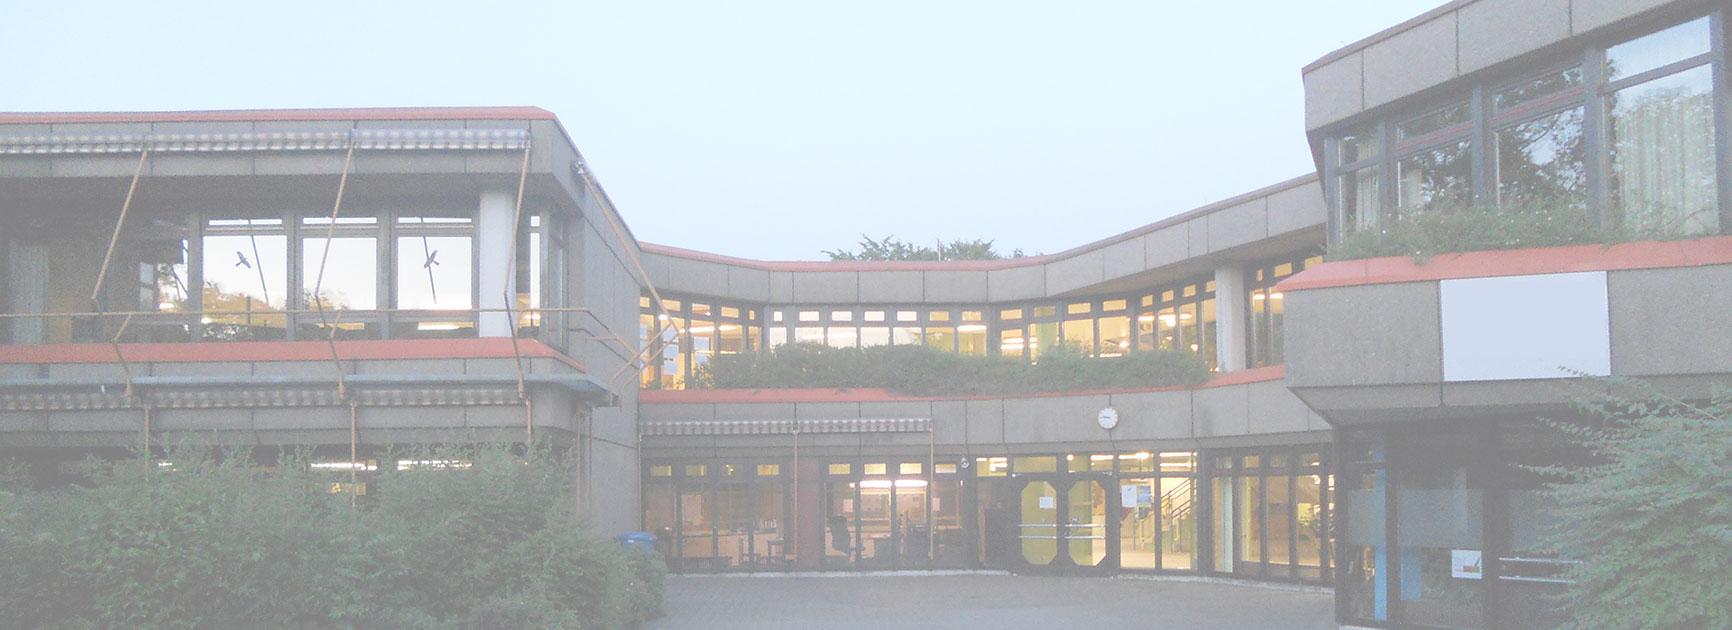 SchildSchulverbund_Werkrealschule-ohneSchild